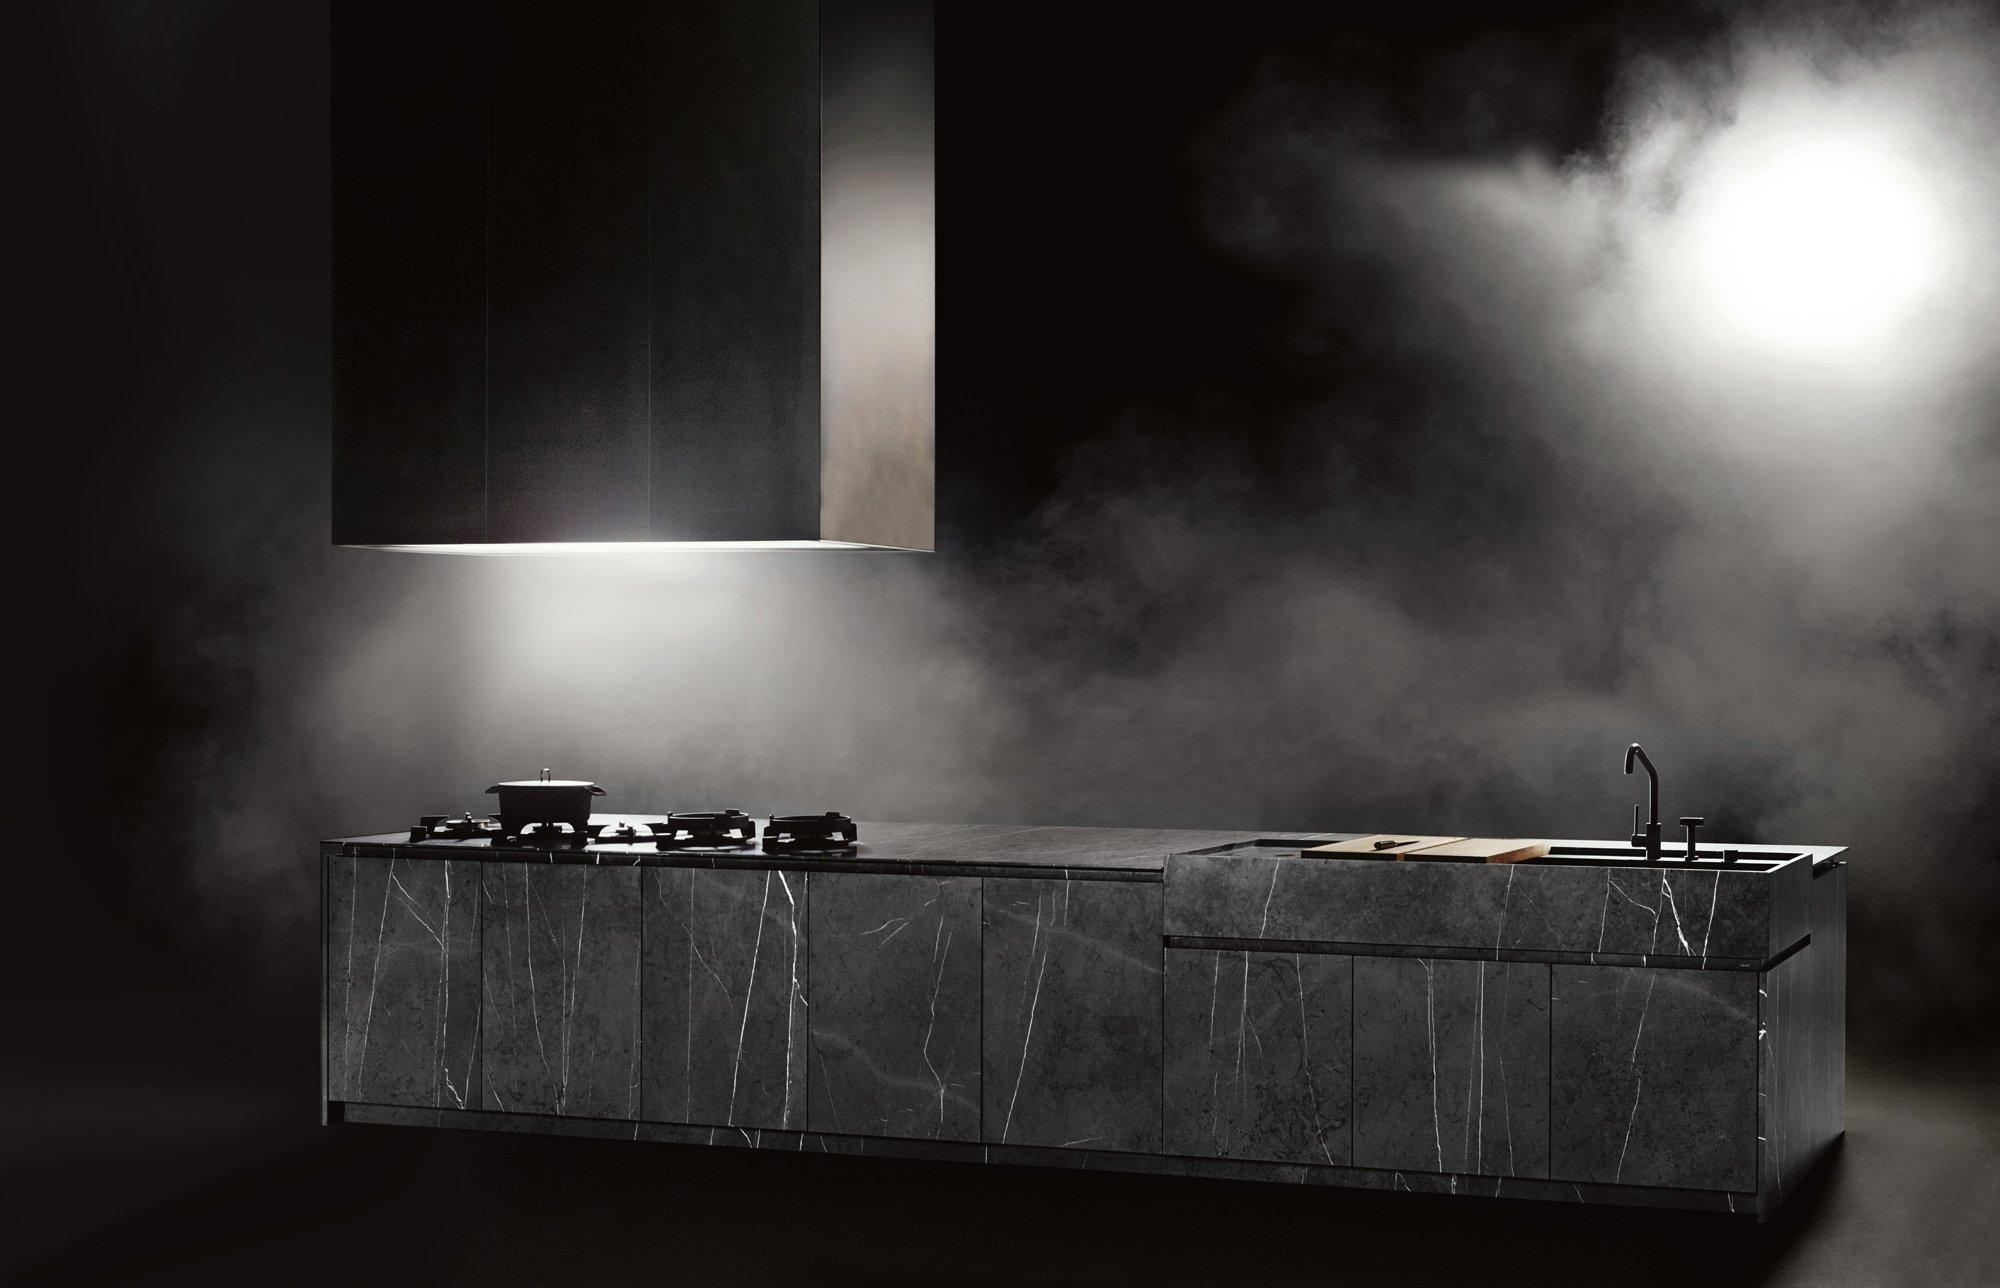 Das Küchenmodell APR60 von Piero Lissoni für den italienischen Hersteller Boffi kommt in dunklem, sehr elegantem Greystone daher. Foto/Copyright: Tommaso Sartori